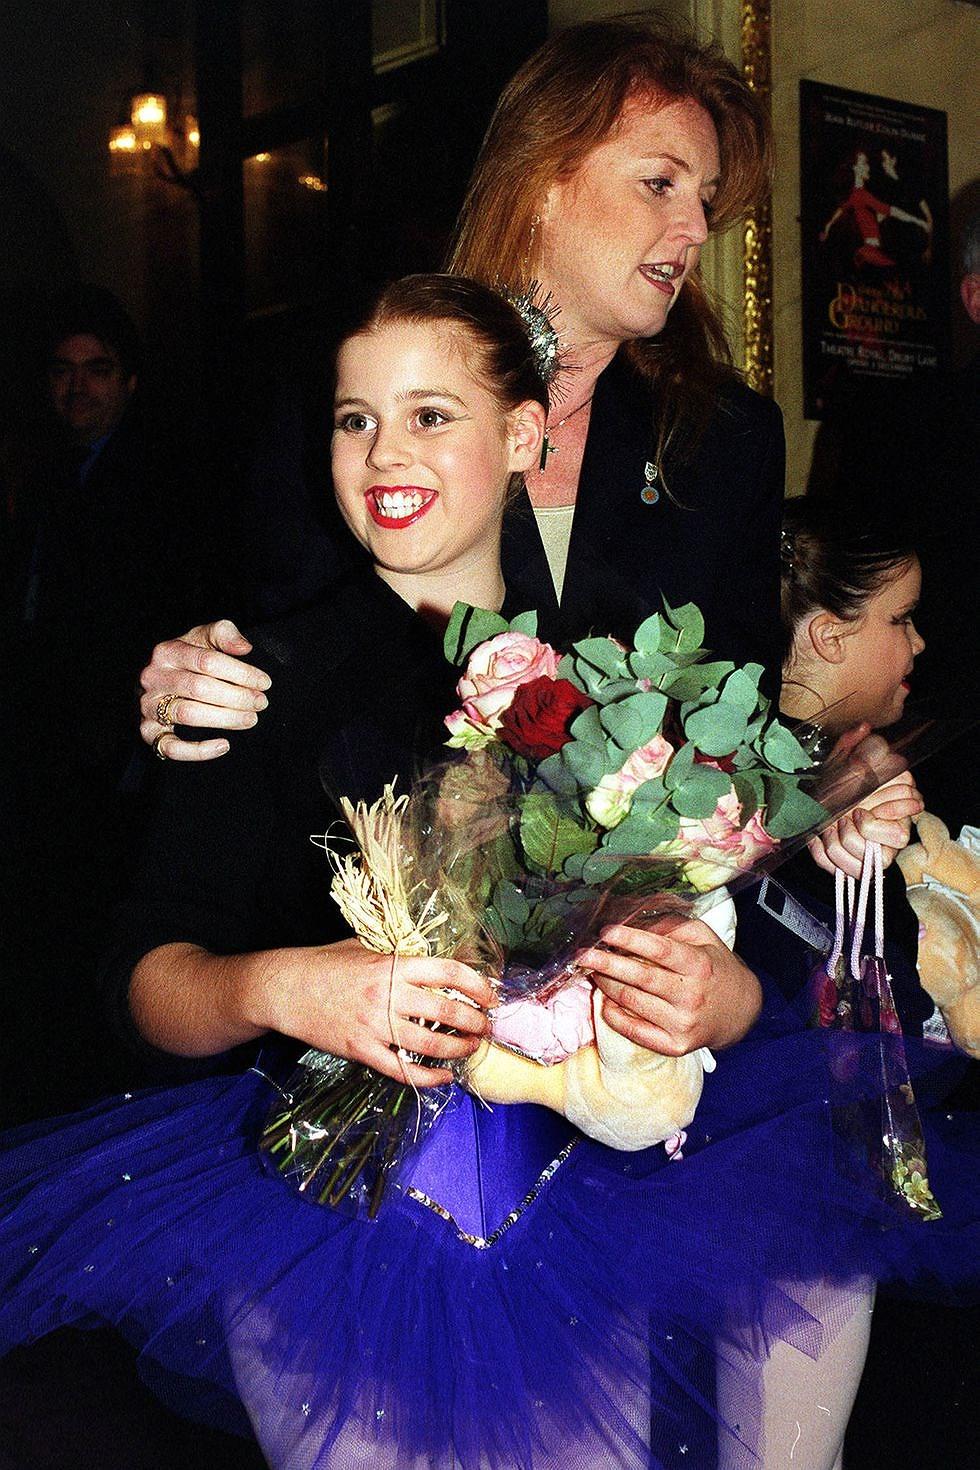 Герцогиня Йорская с дочерьми на благотворительной пантомиме «Дети в кризис» в Королевском театре.